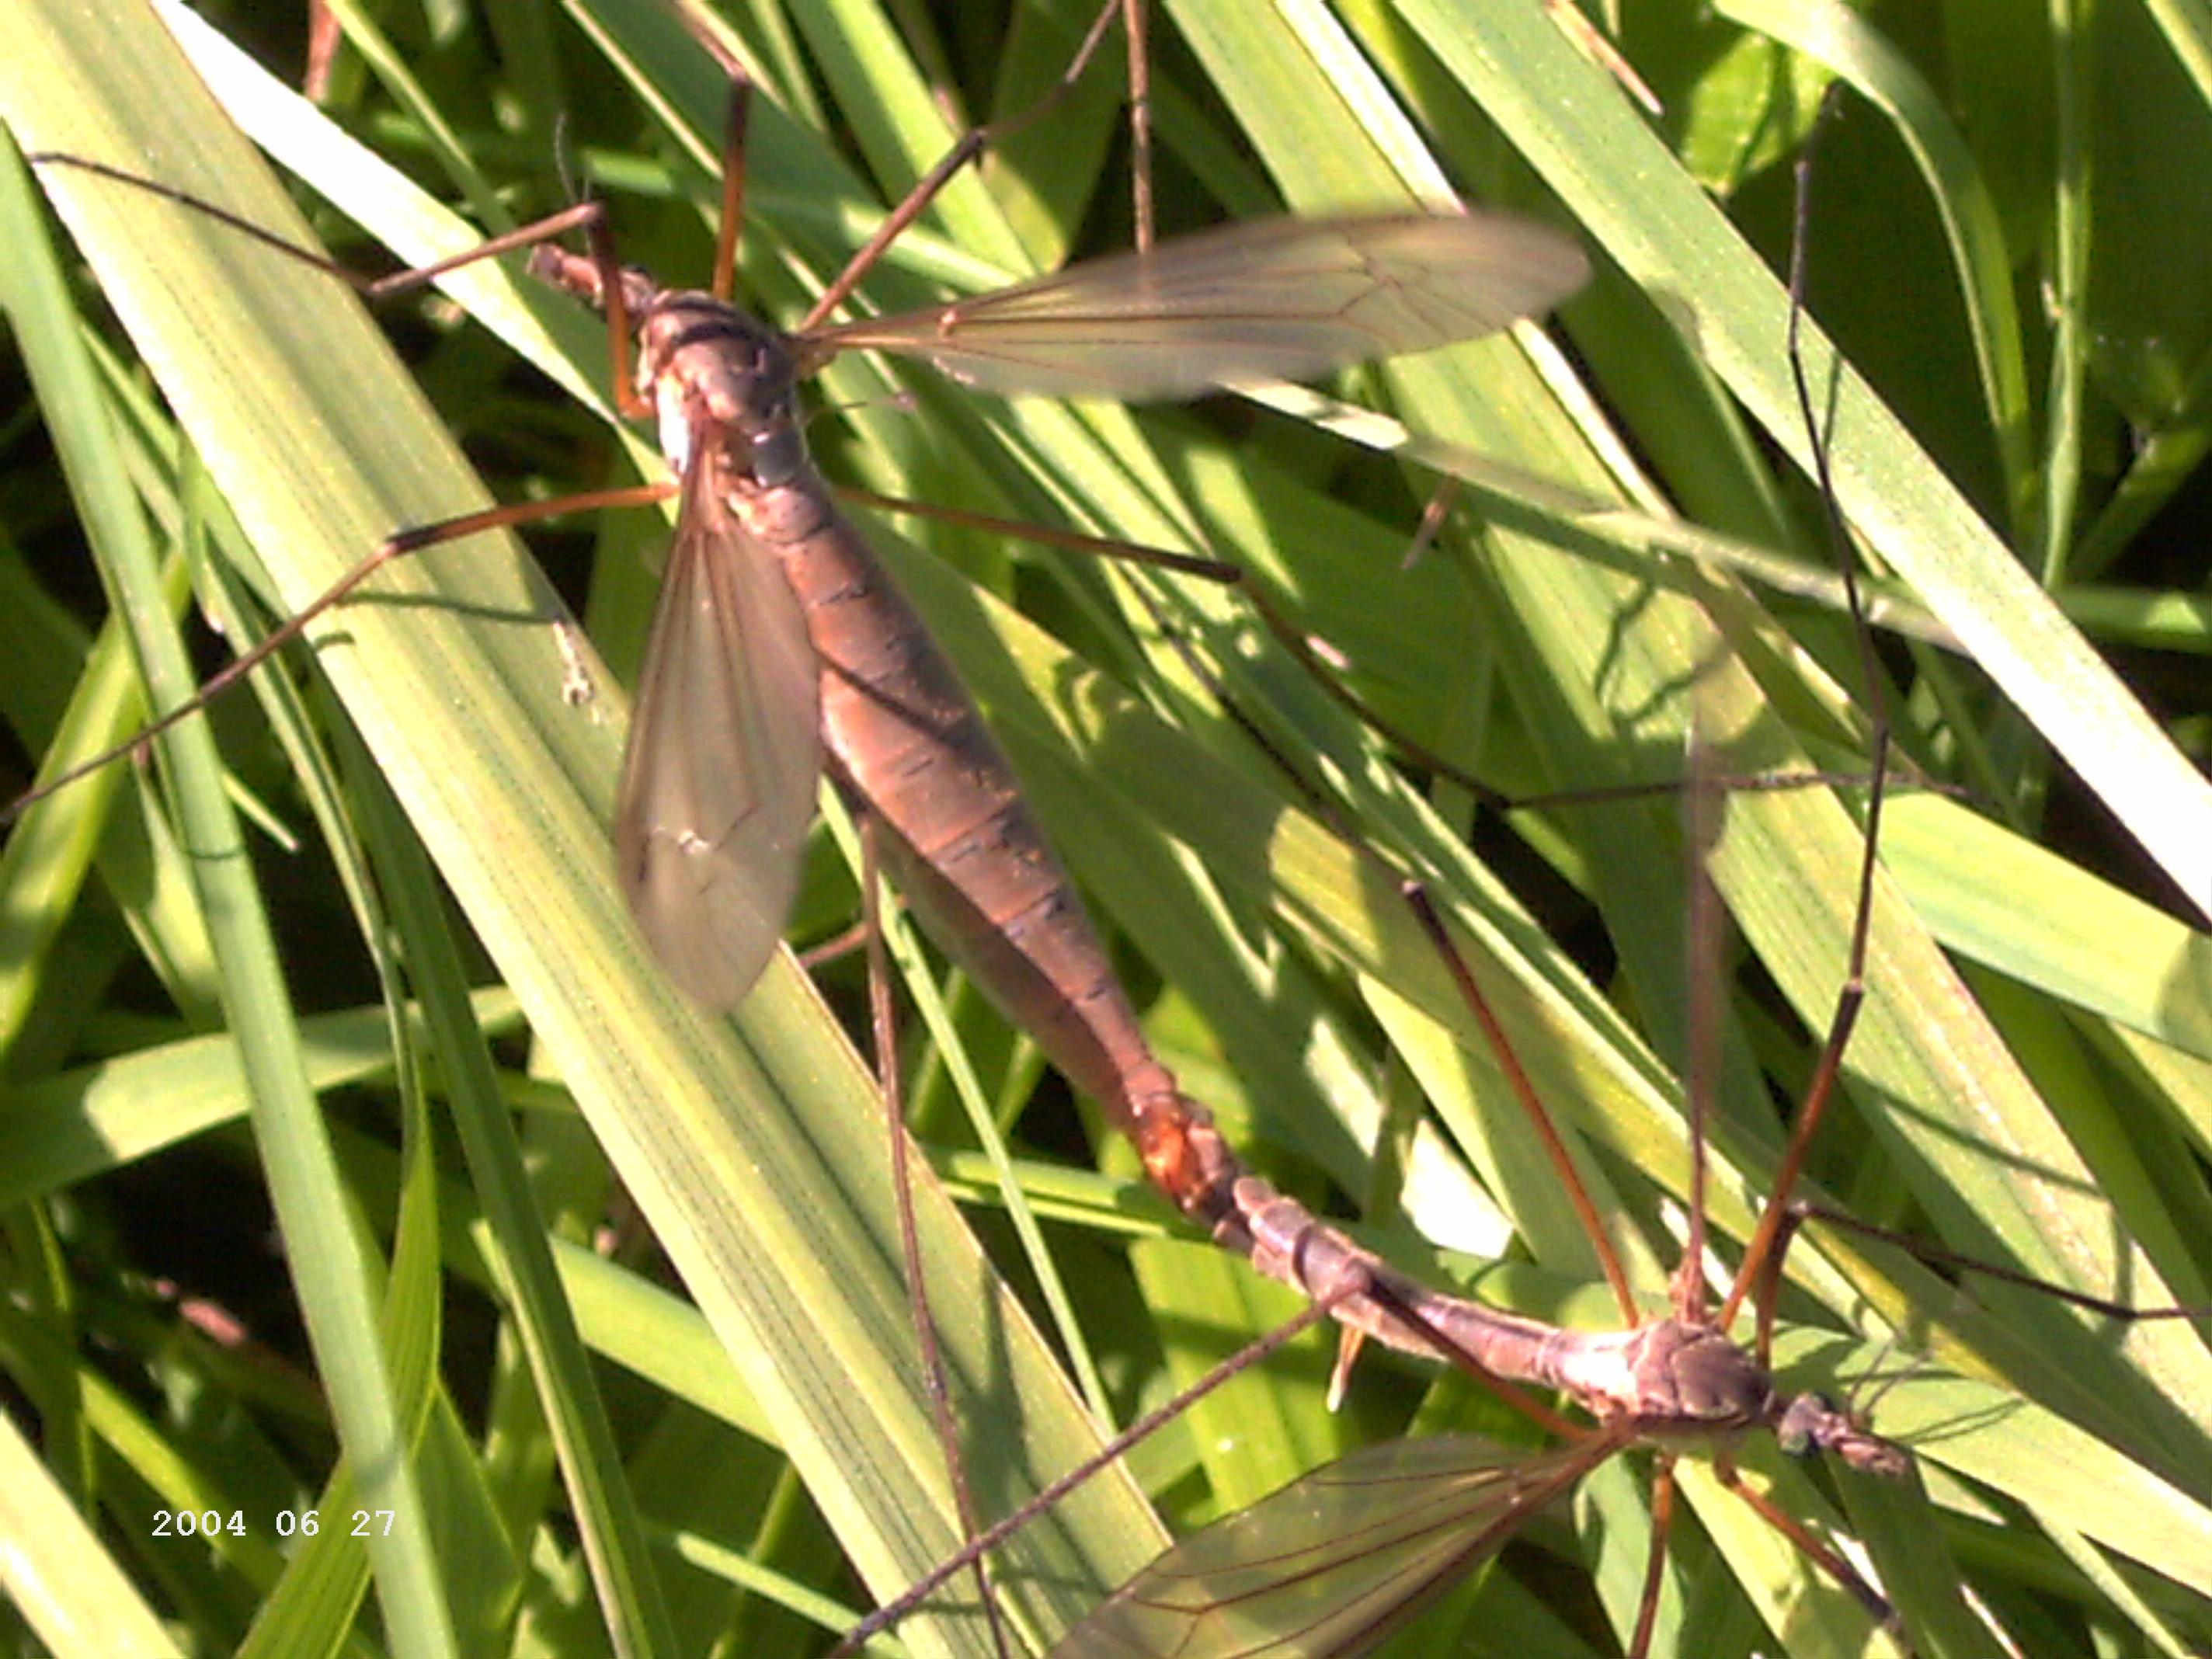 Paarungszeit der Libellen an der Kongeå